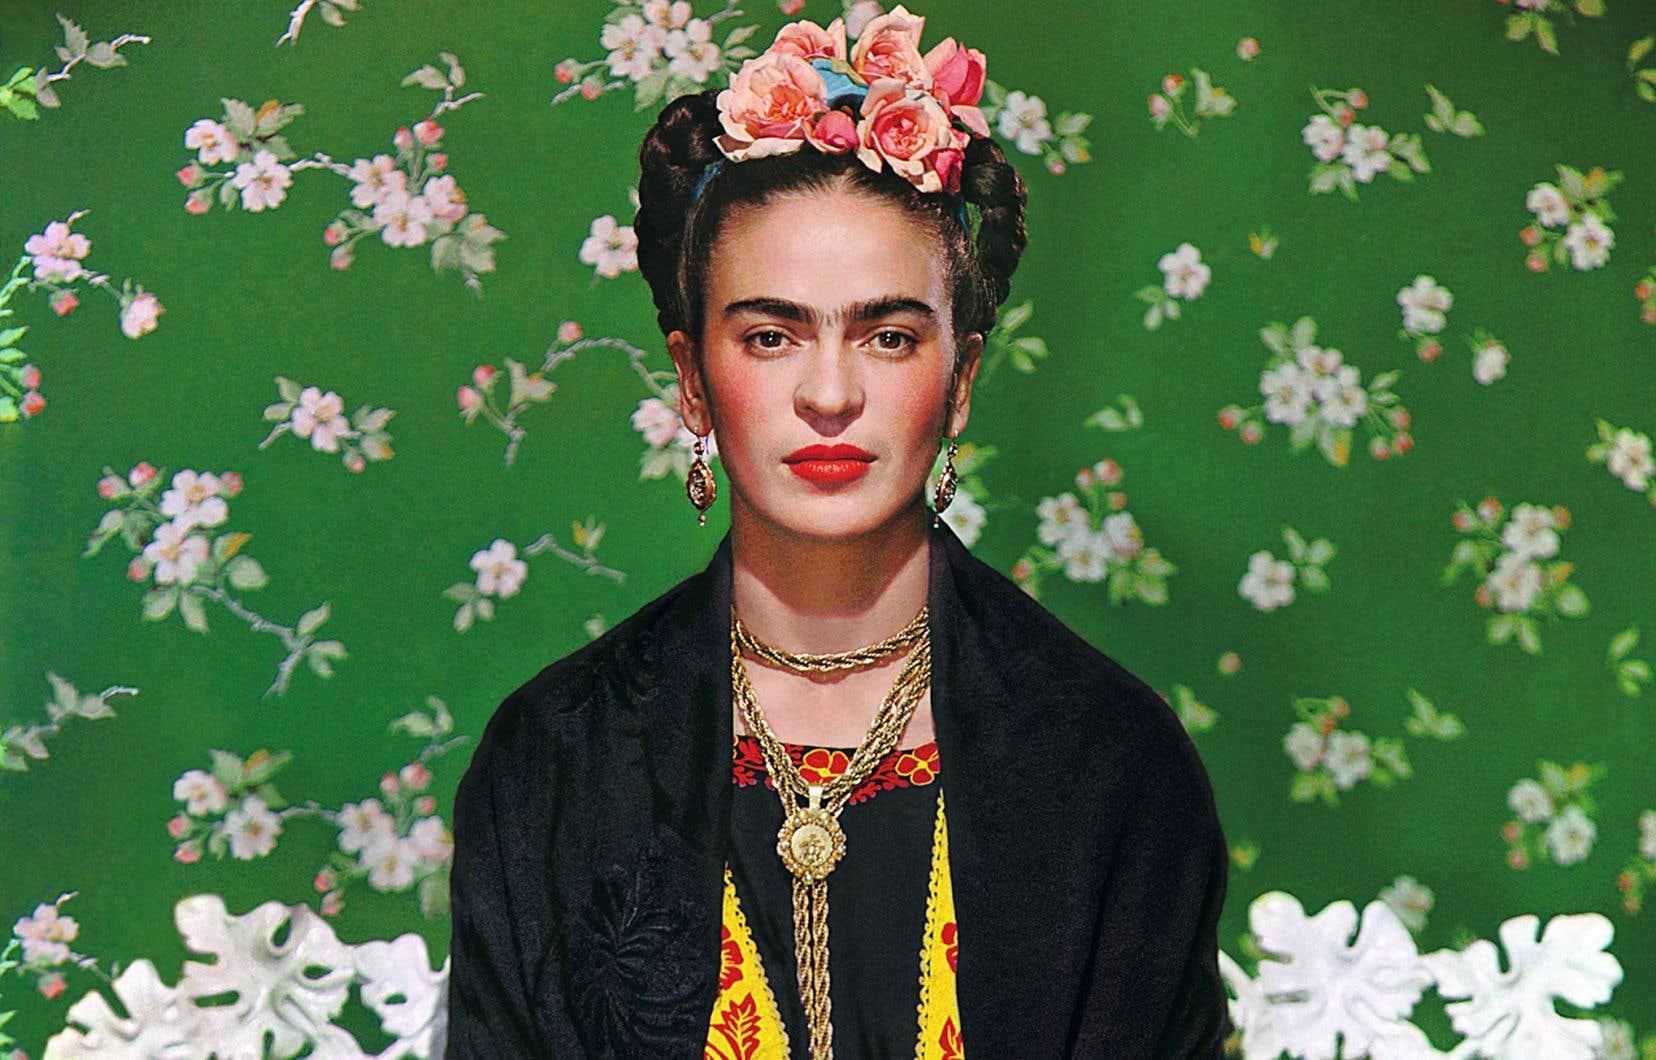 L'exposition«Frida Kahlo, Diego Rivera et le modernisme mexicain» est présentée jusqu'au 7septembre. Détail de «Frida Kahlo sur un banc #5», 1939, Nickolas Muray